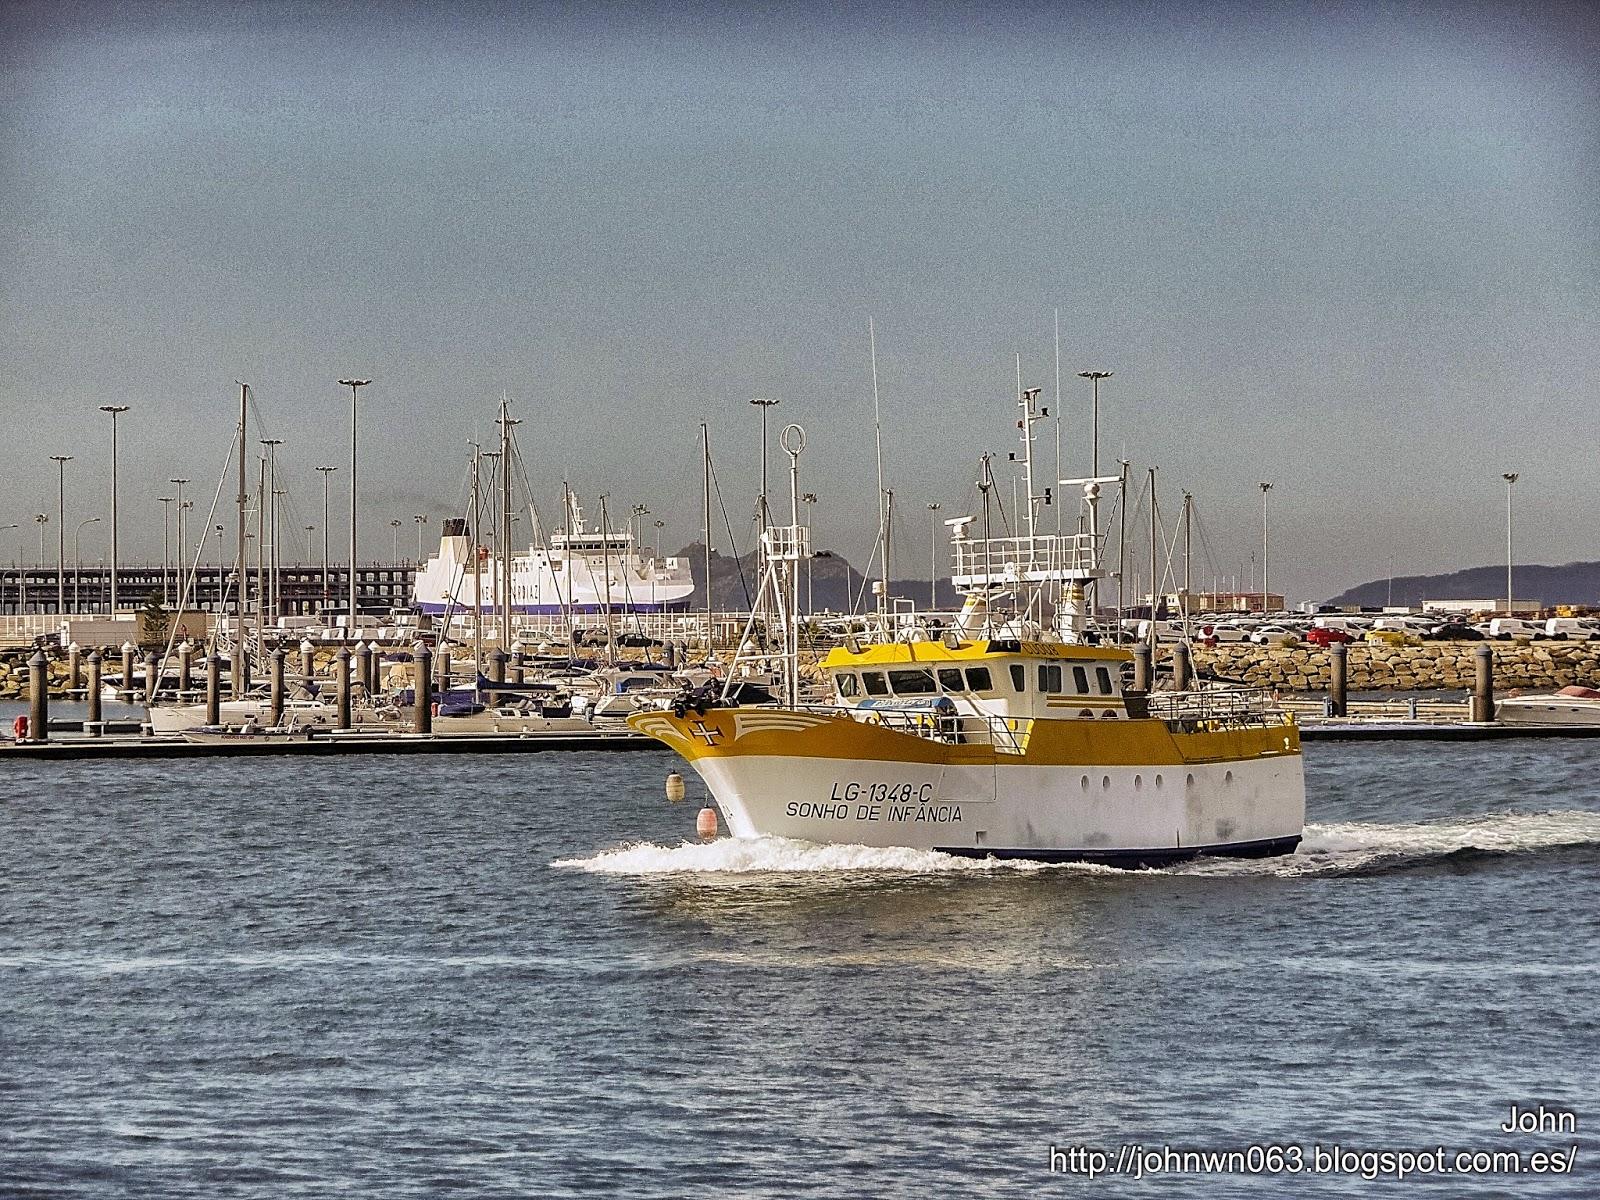 fotos de barcos, imagenes de barcos, sonho da infancia, pesquero, vigo